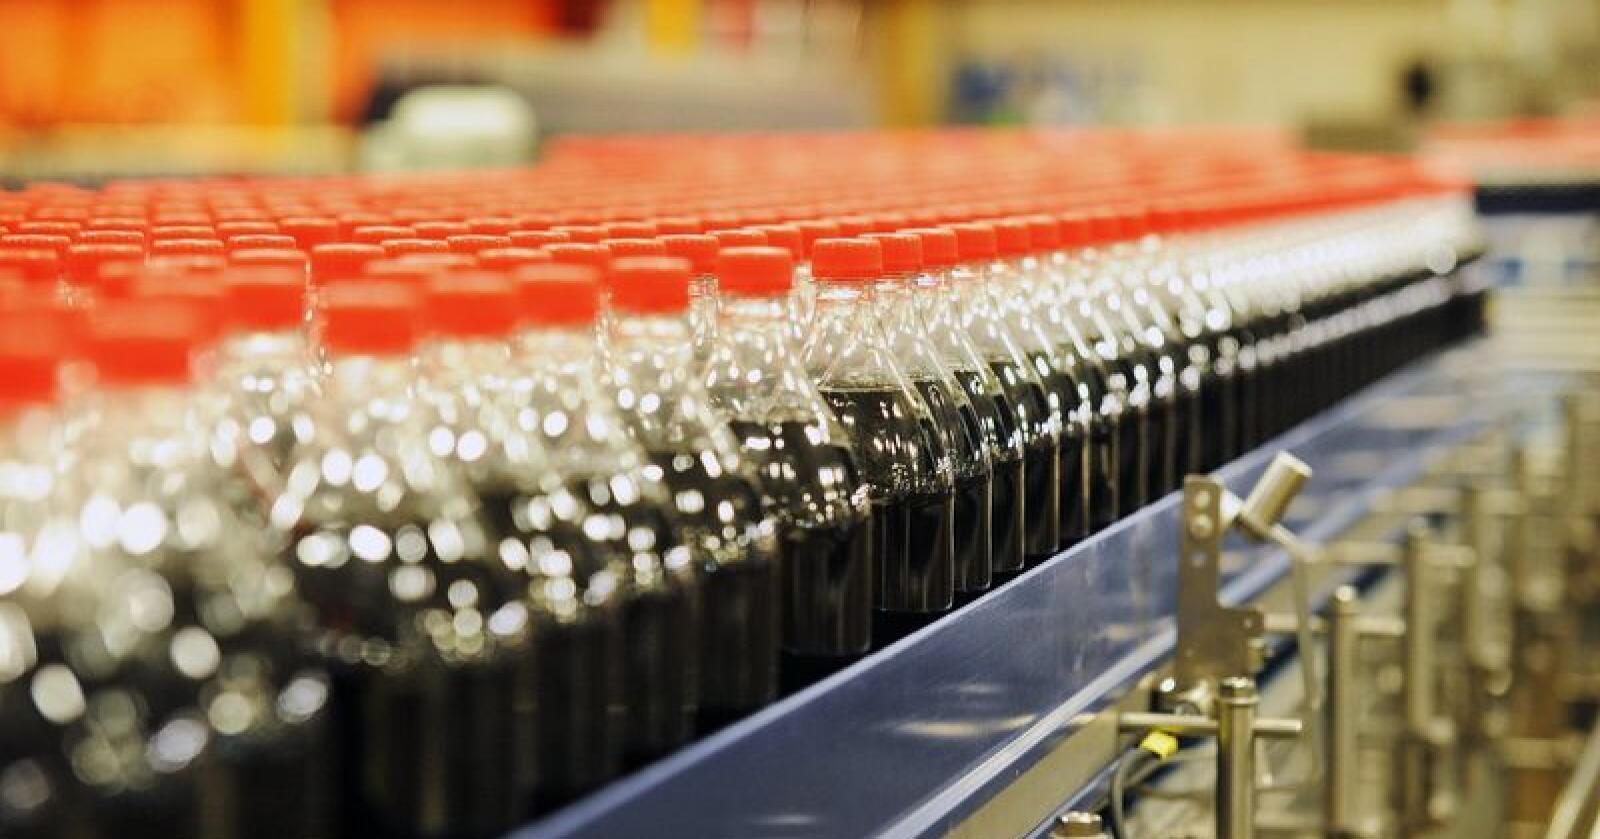 Bryggeri- og drikkevareforeningen har tidligere gitt uttrykk for håp om kutt i avgiften slik at norsk brus blir billigere. Foto: Siri Juell Rasmussen